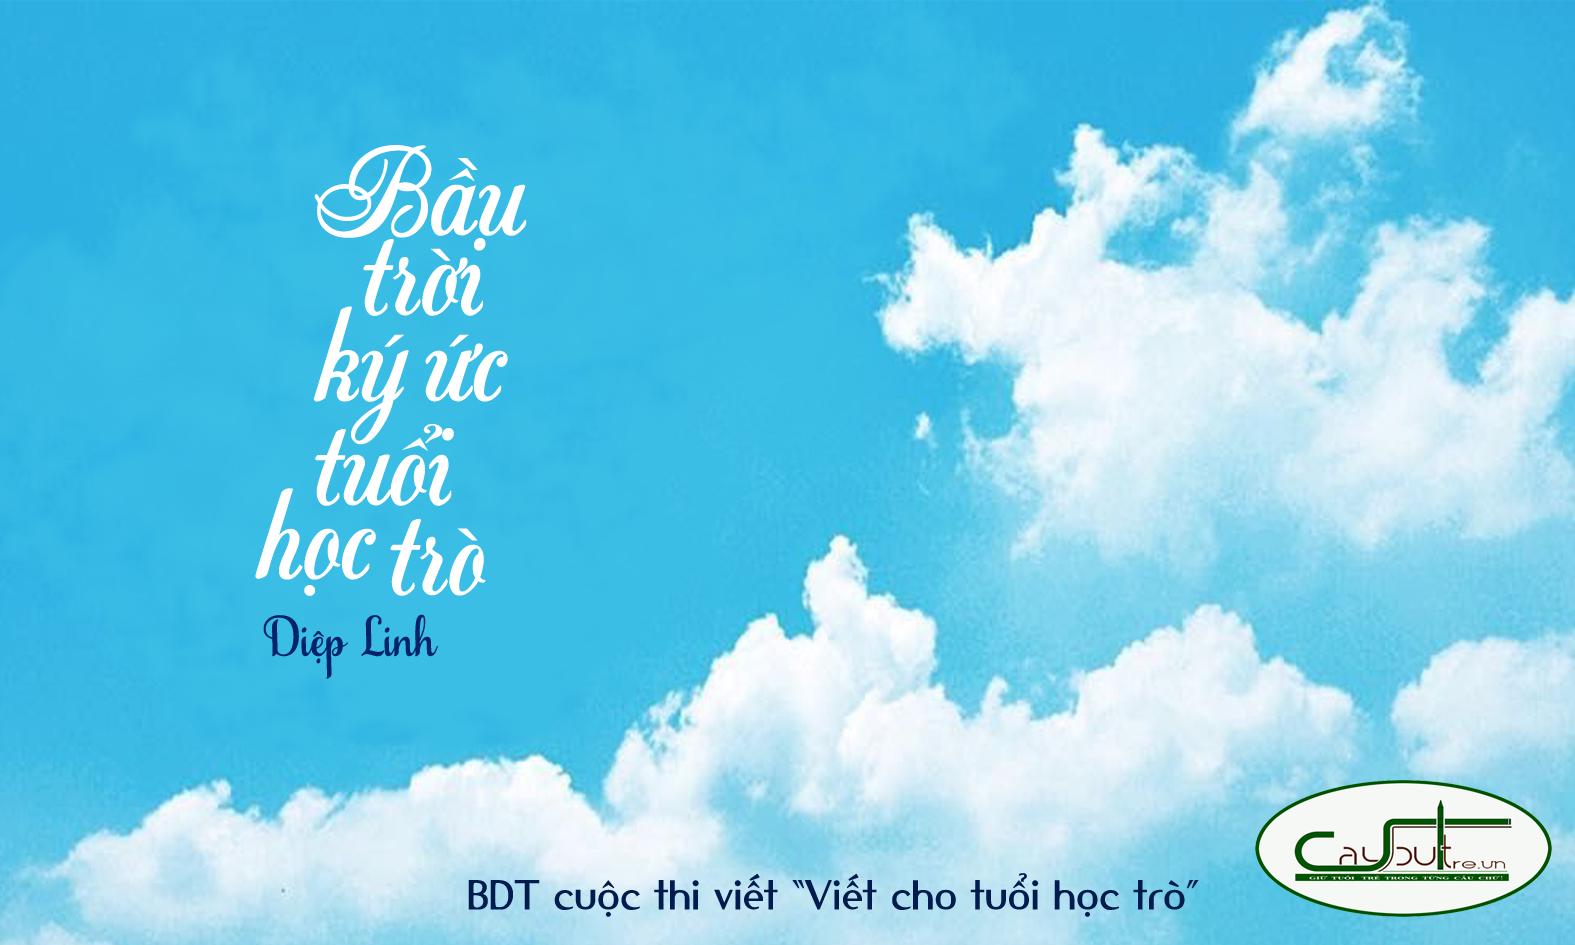 c21 - [Cuộc thi] Bầu trời ký ức tuổi học trò - Tác giả Diệp Linh